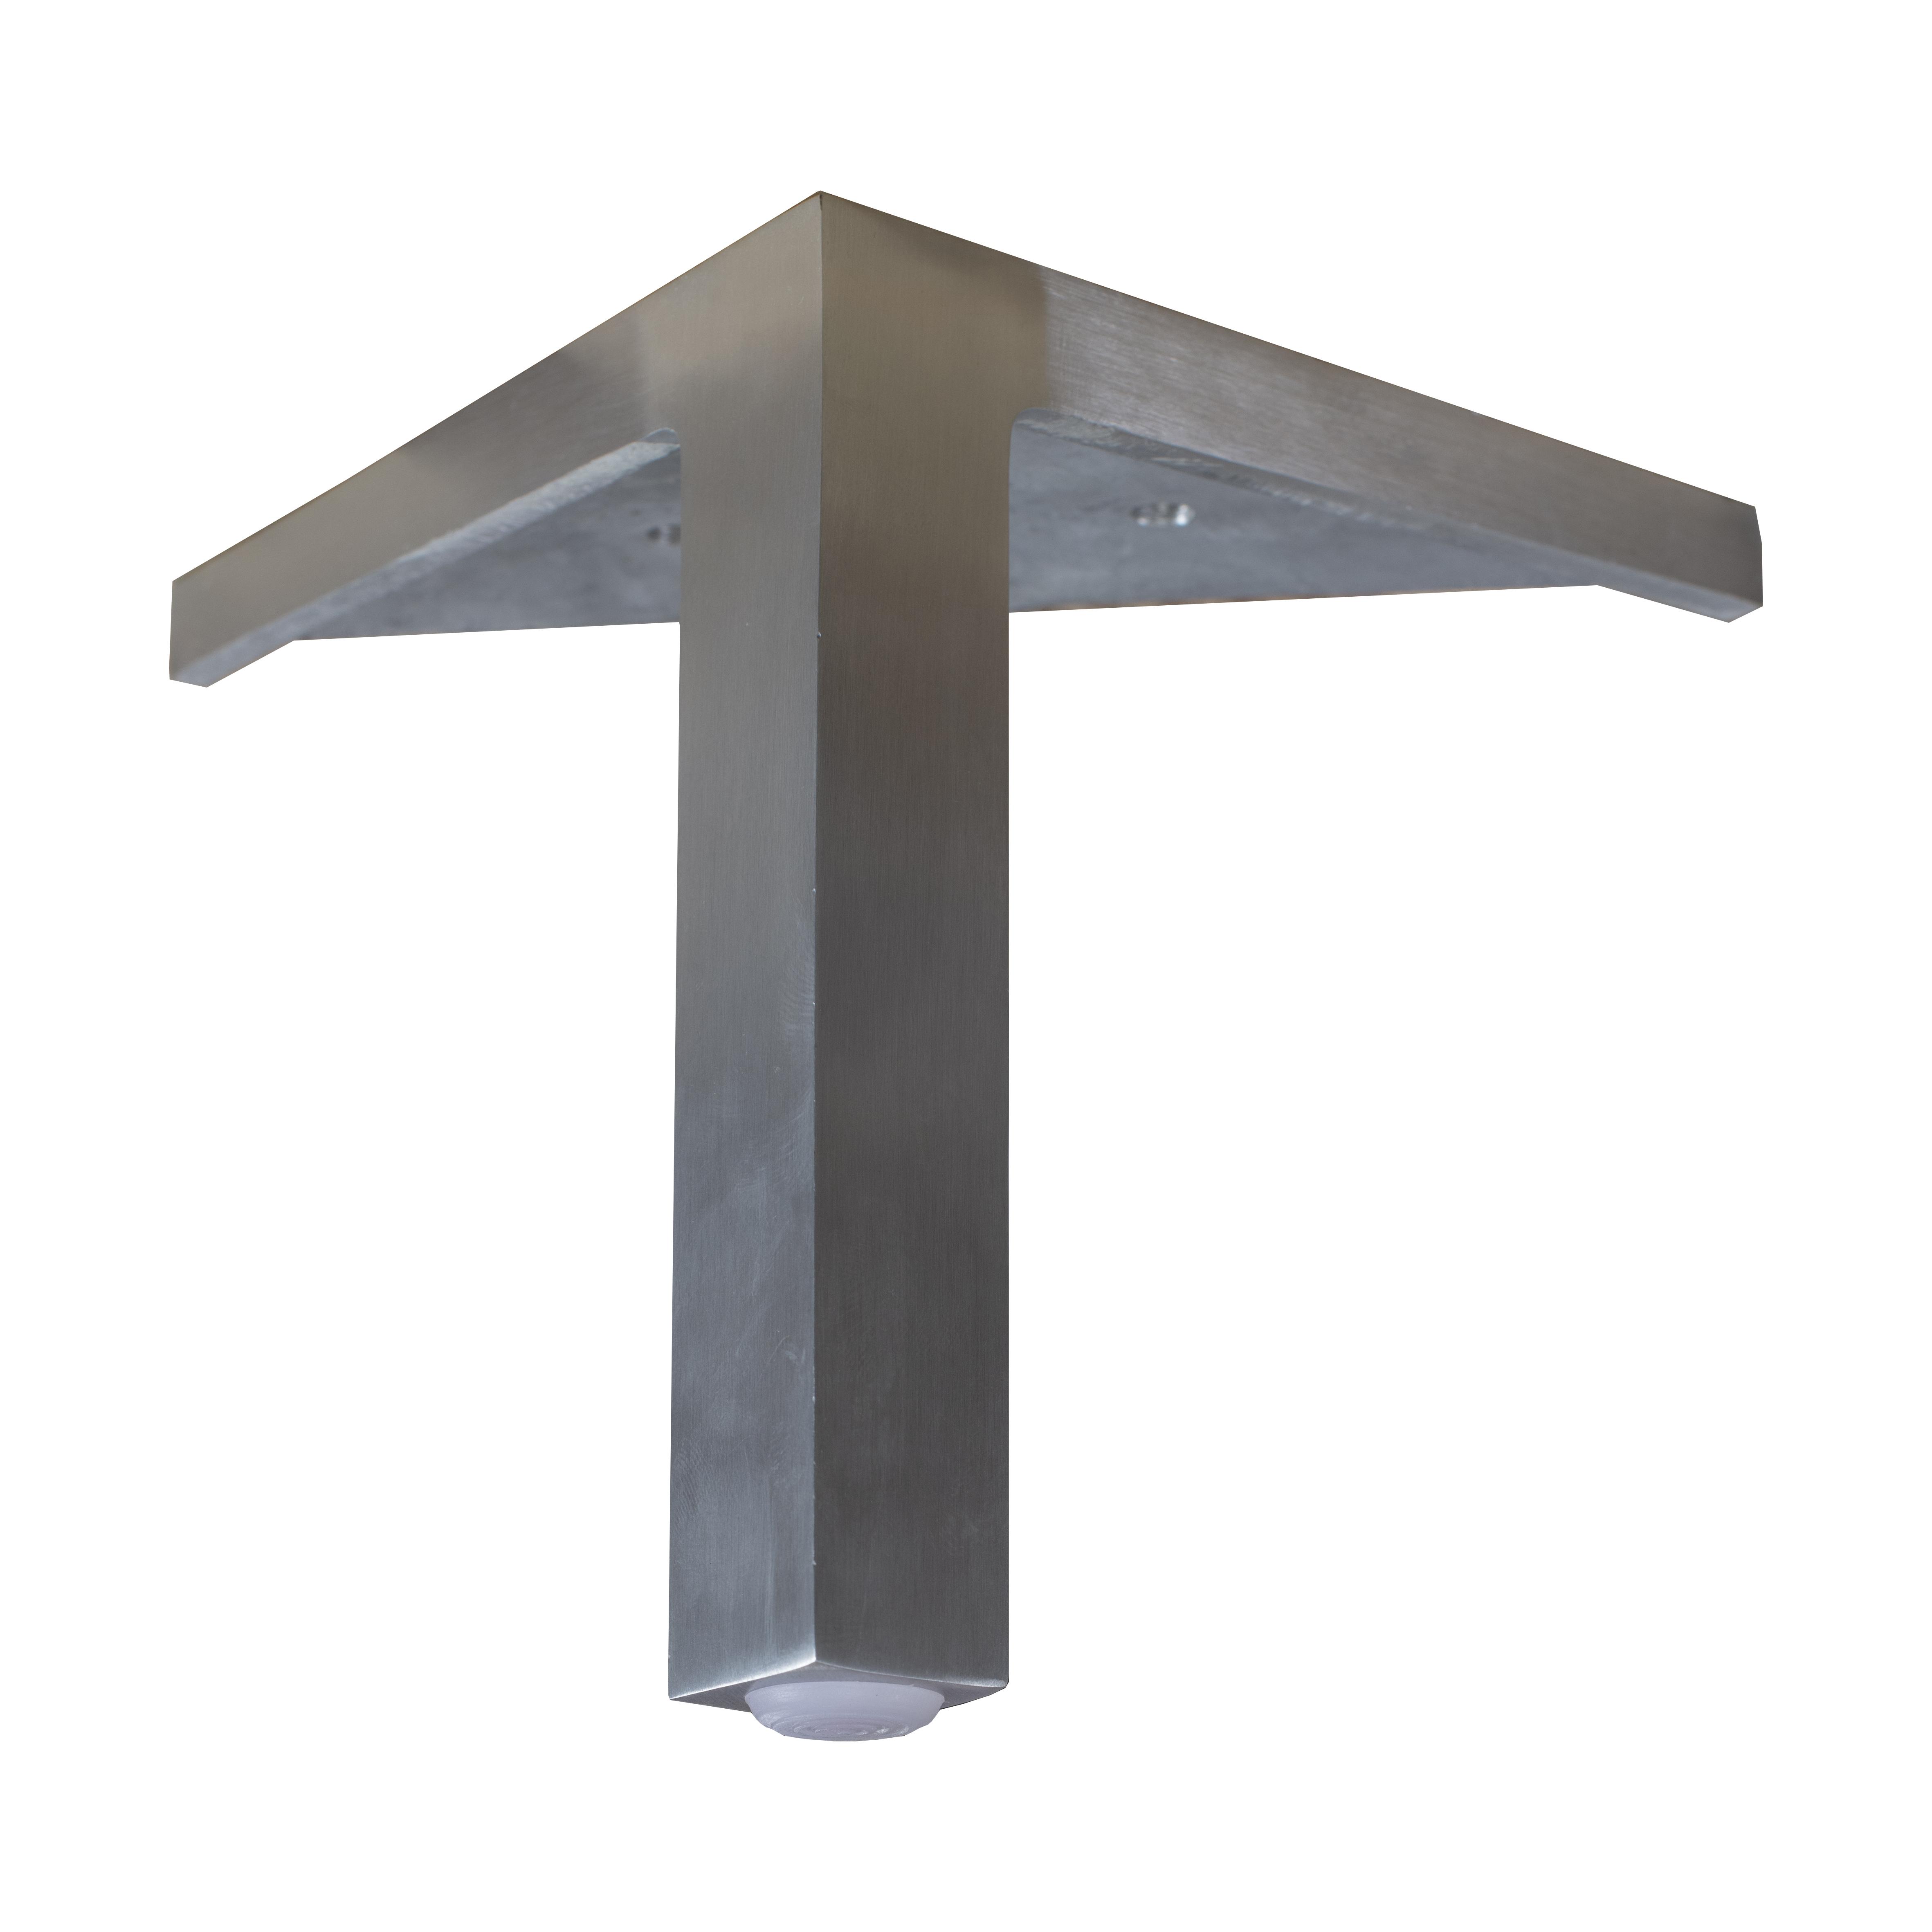 15 cm Mind ben i kromad metall med synligt hörnfäste - englesson.se